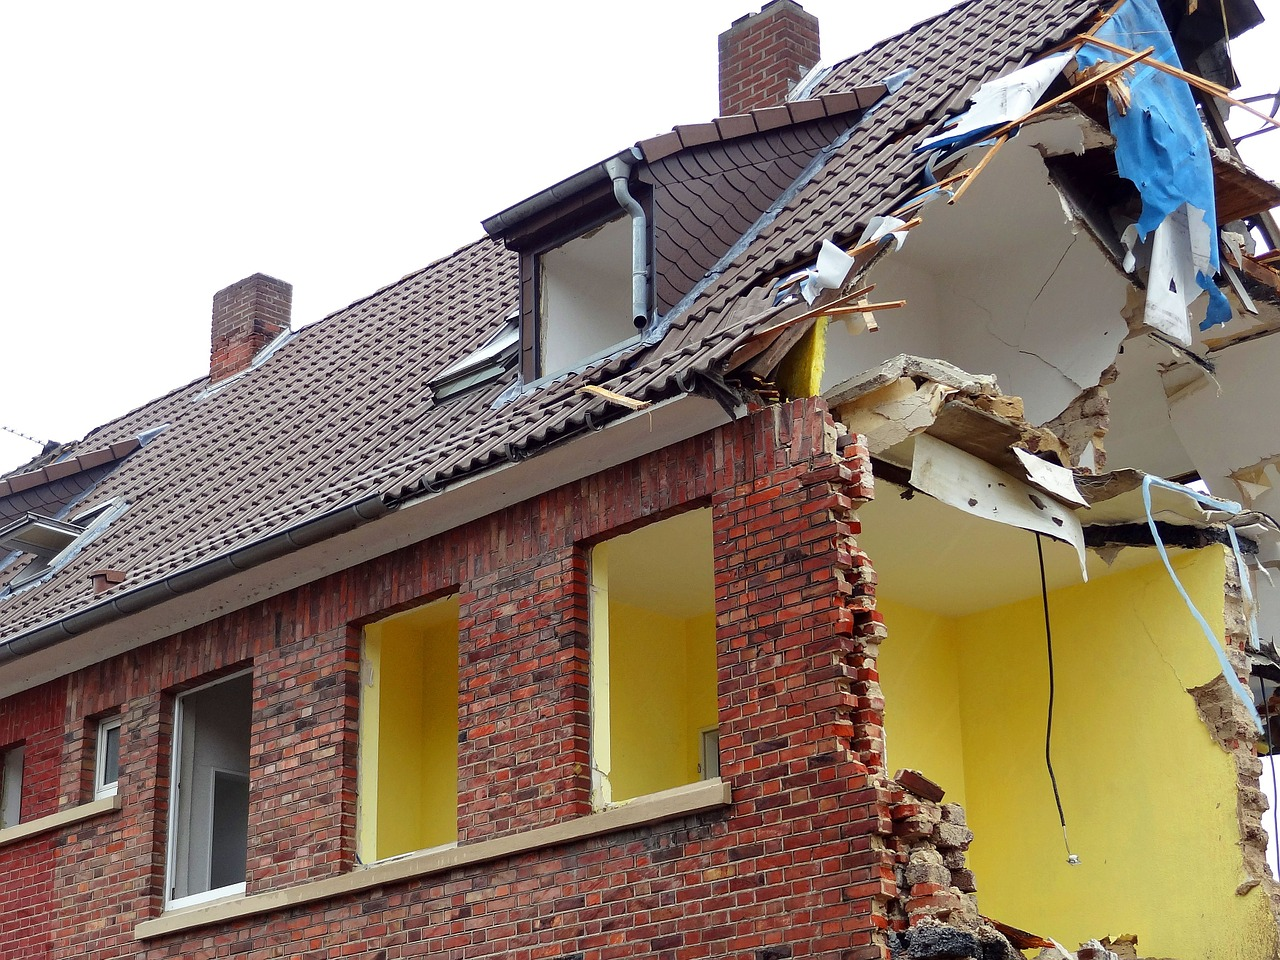 Prix pour démolir une maison dans l'Indre